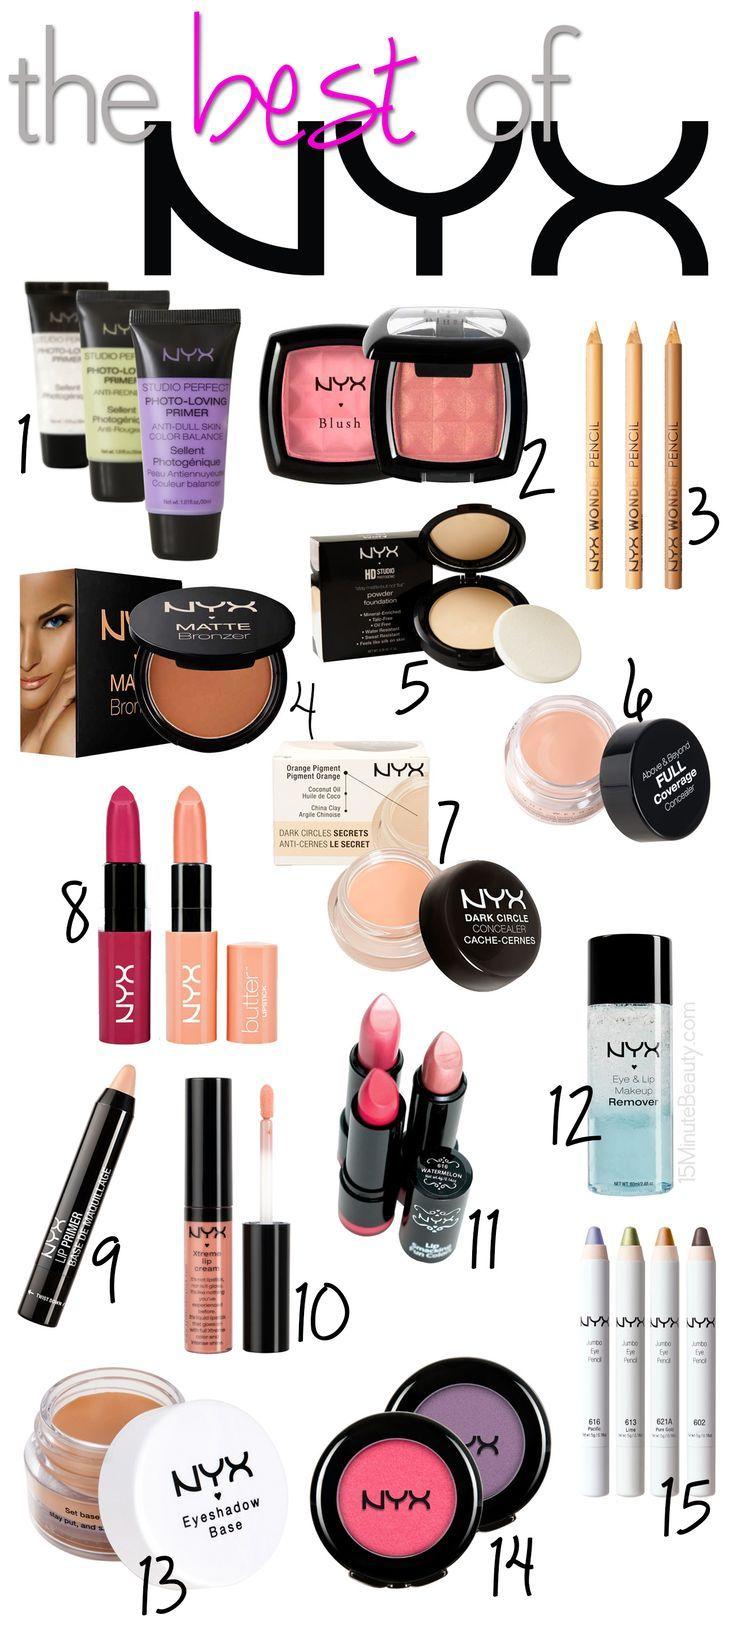 Die 15 besten Produkte von NYX Cosmetics – 15 Minuten Beauty Fanatic